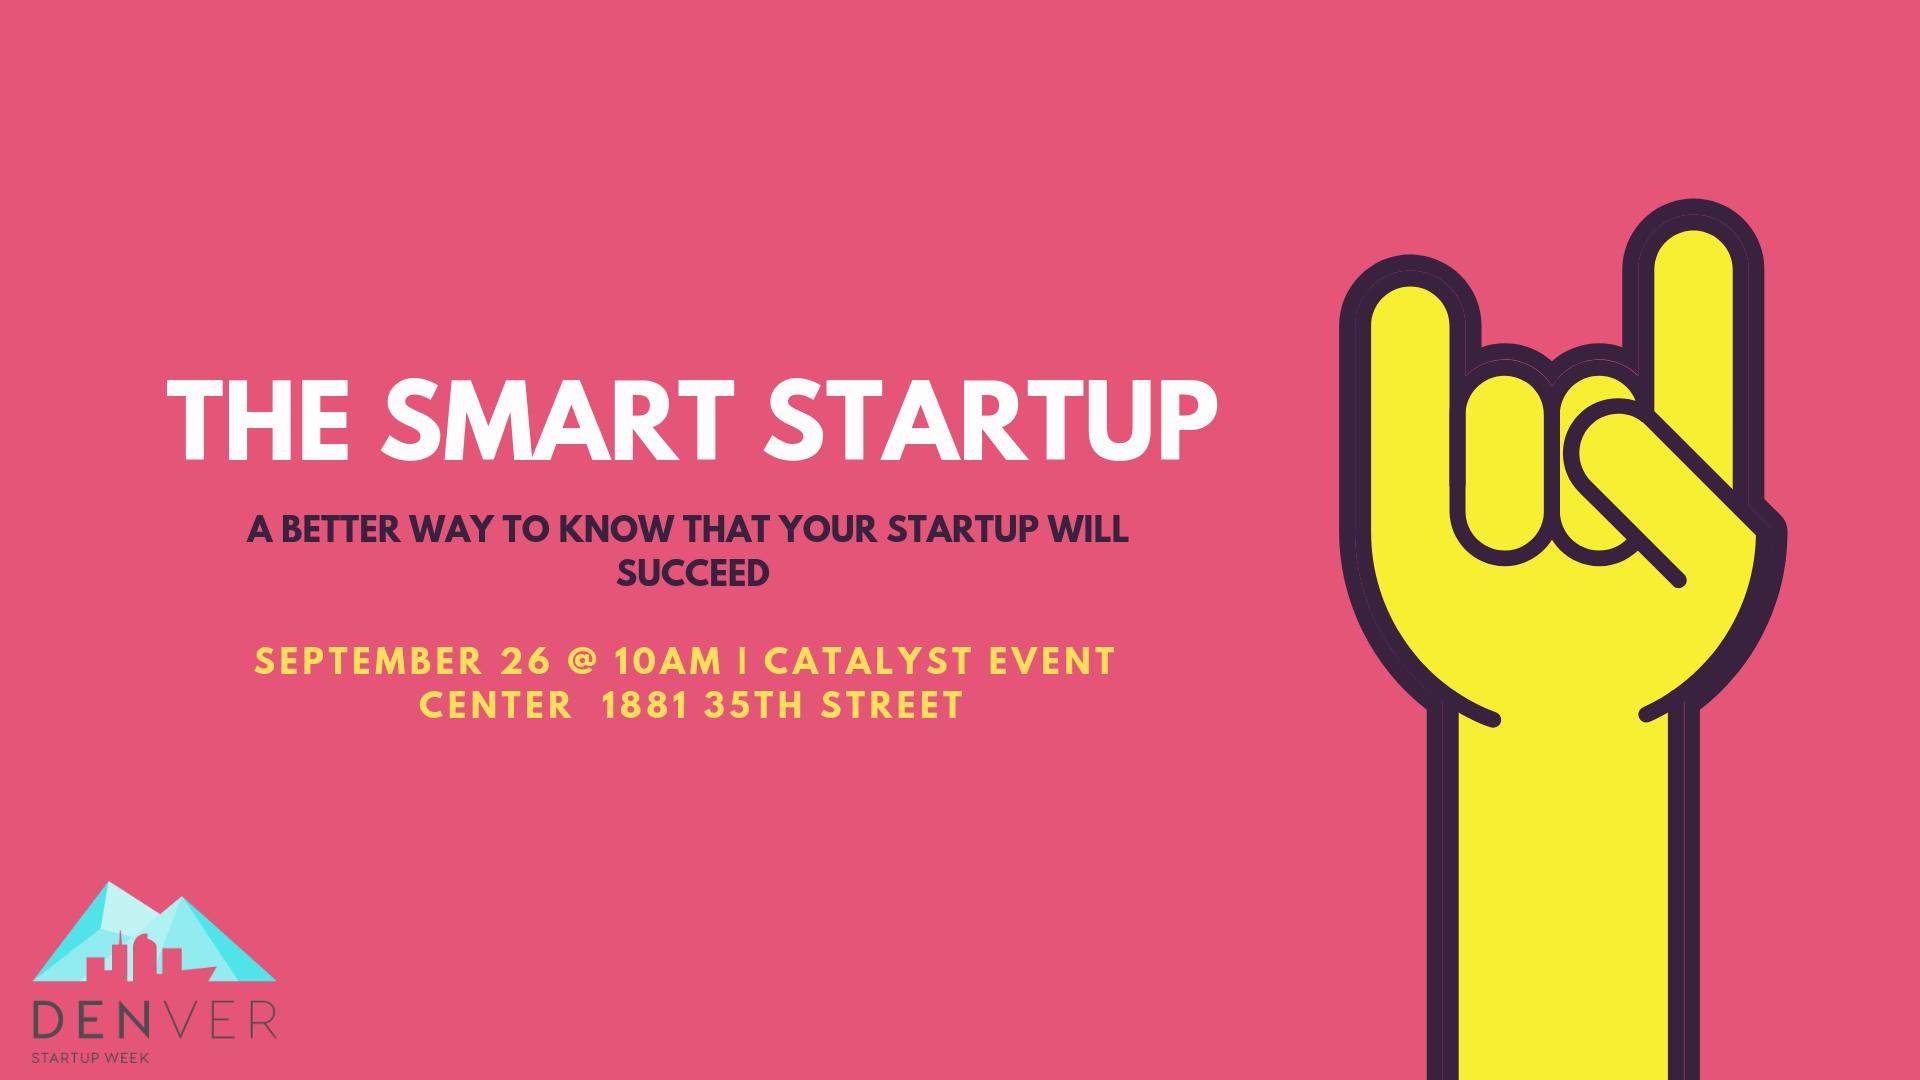 The Smart Startup Event Denver Startup Week